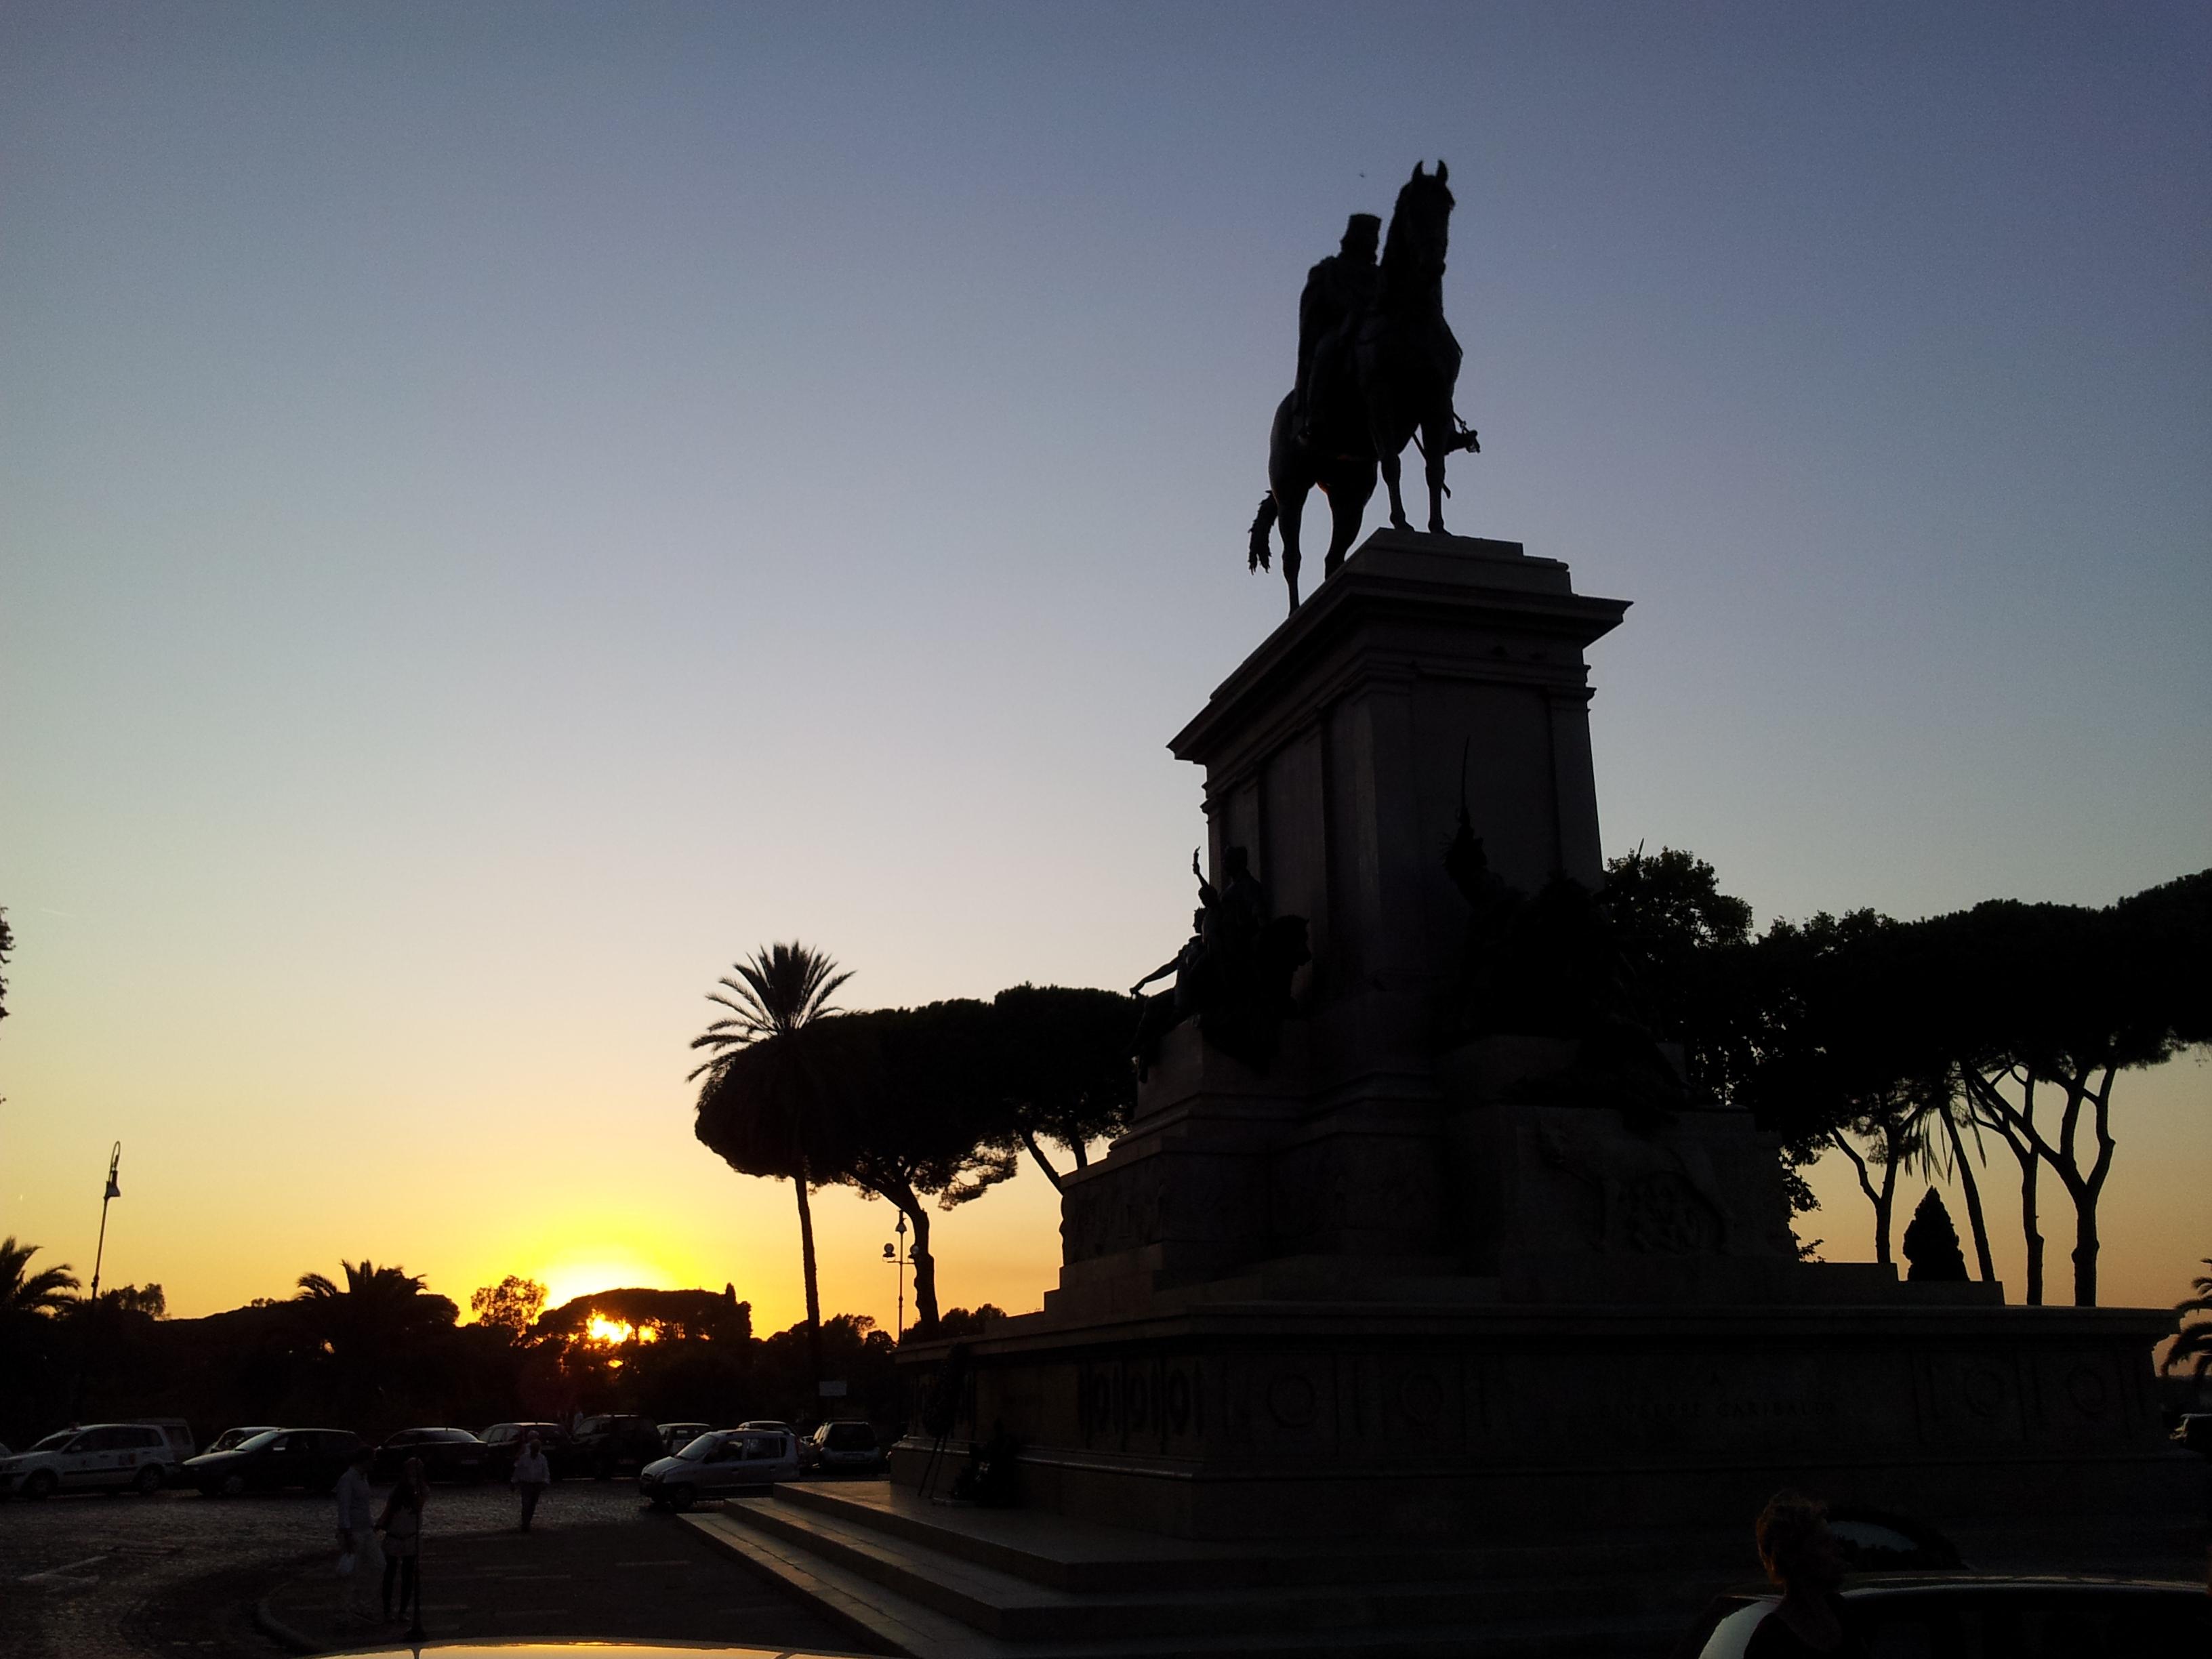 Il parco del Gianicolo a Roma: storia patria ed alti ideali